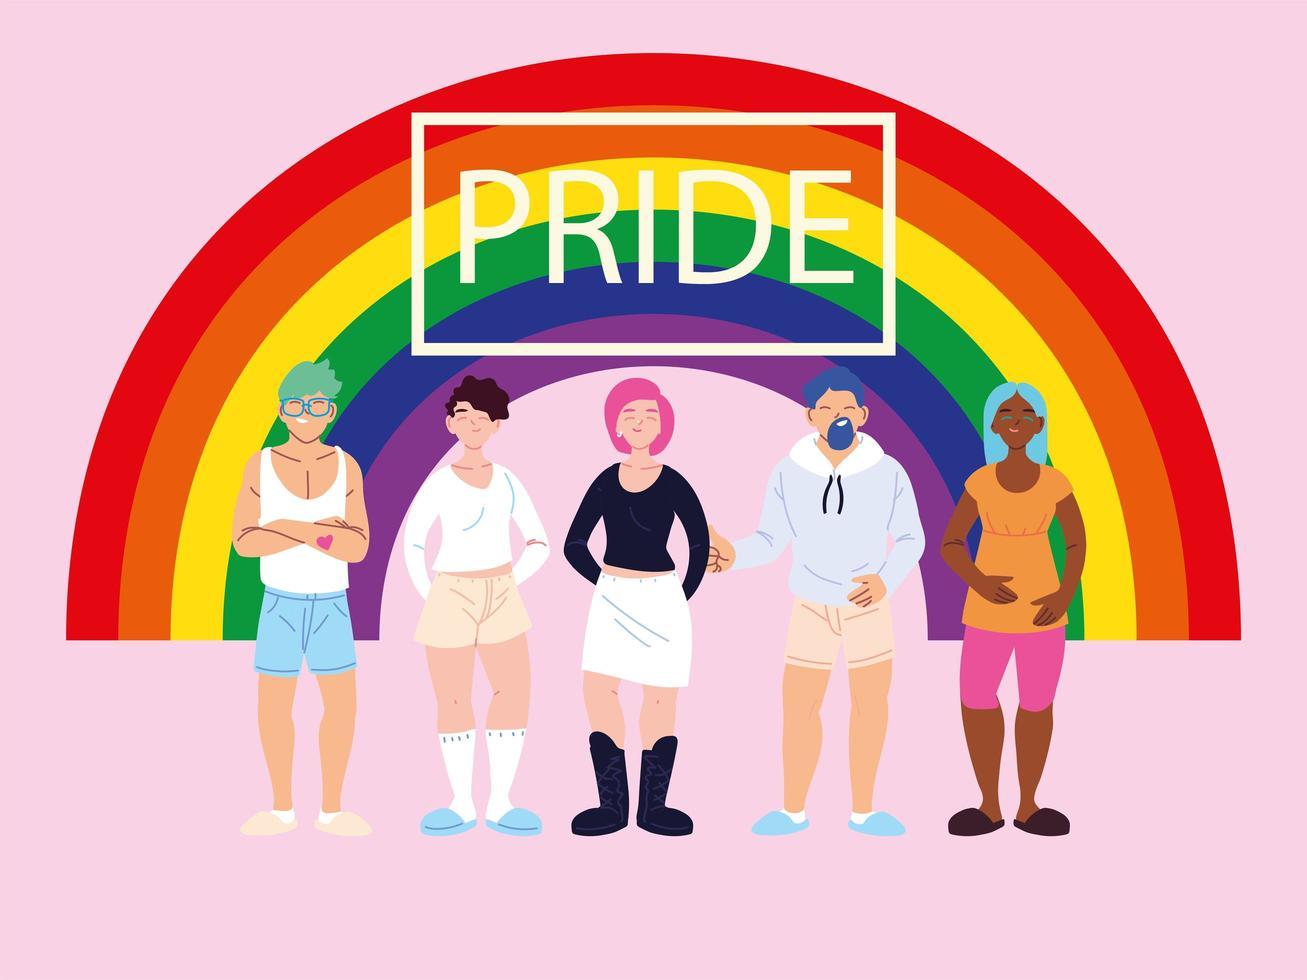 människor med regnbåge bakgrund, gay pride symbol vektor